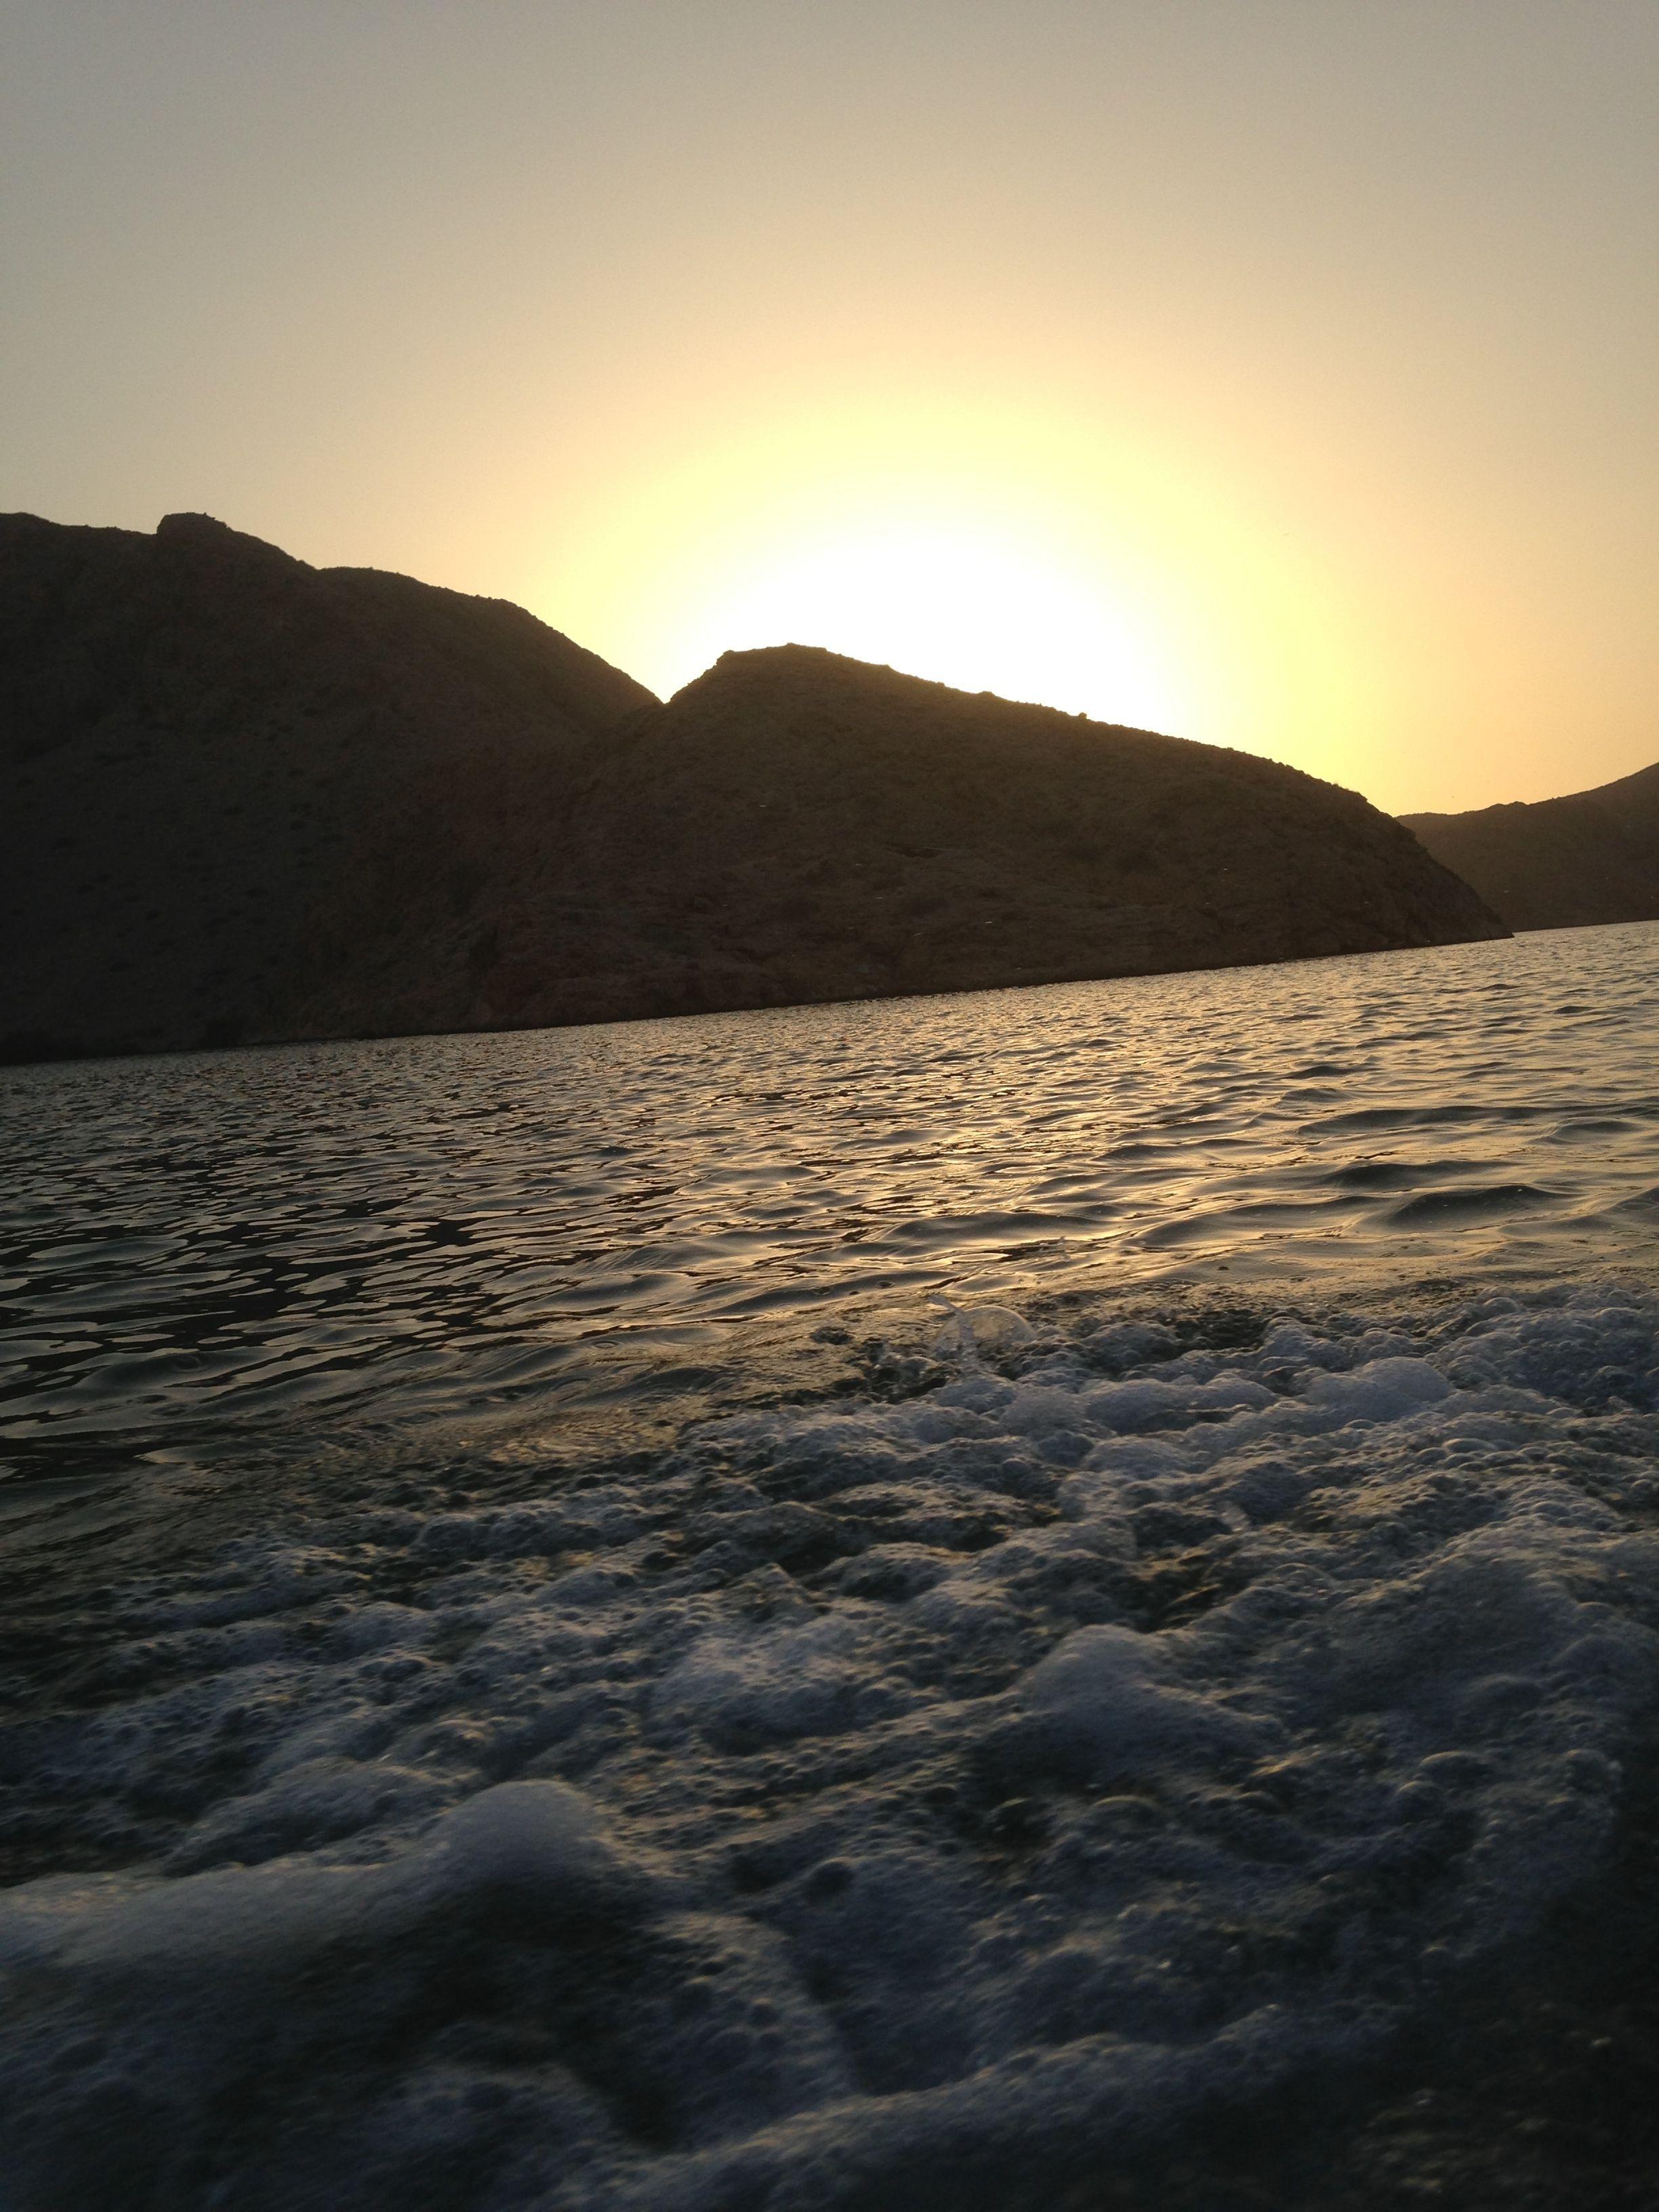 غروب الشمس الخيران محافظة مسقط Sunset Water Celestial